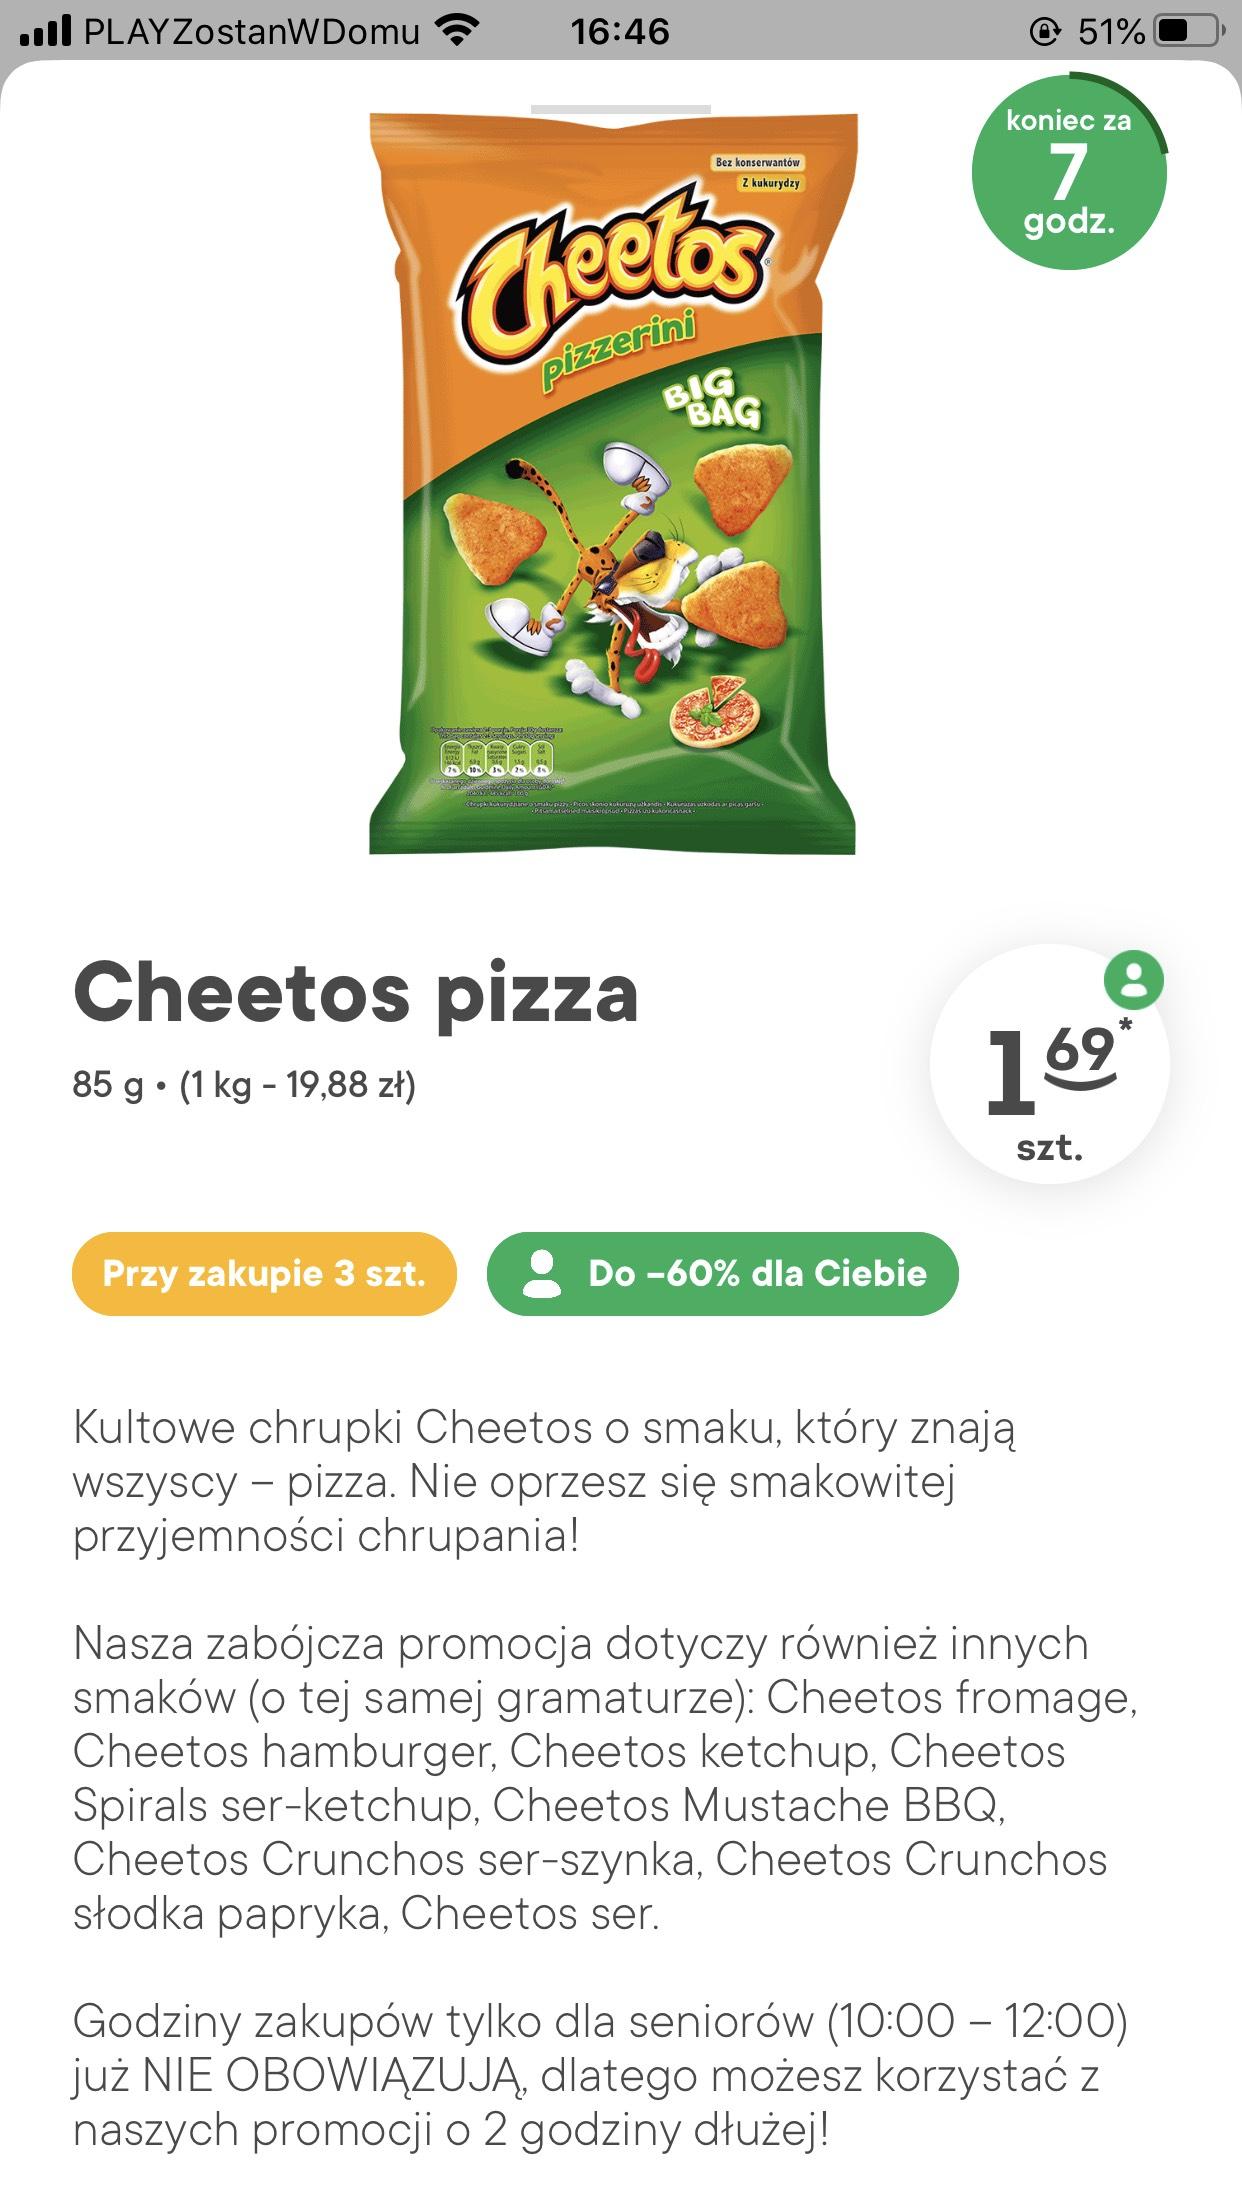 Cheetos pizza za 1.69 przy zakupie 3szt. żabka